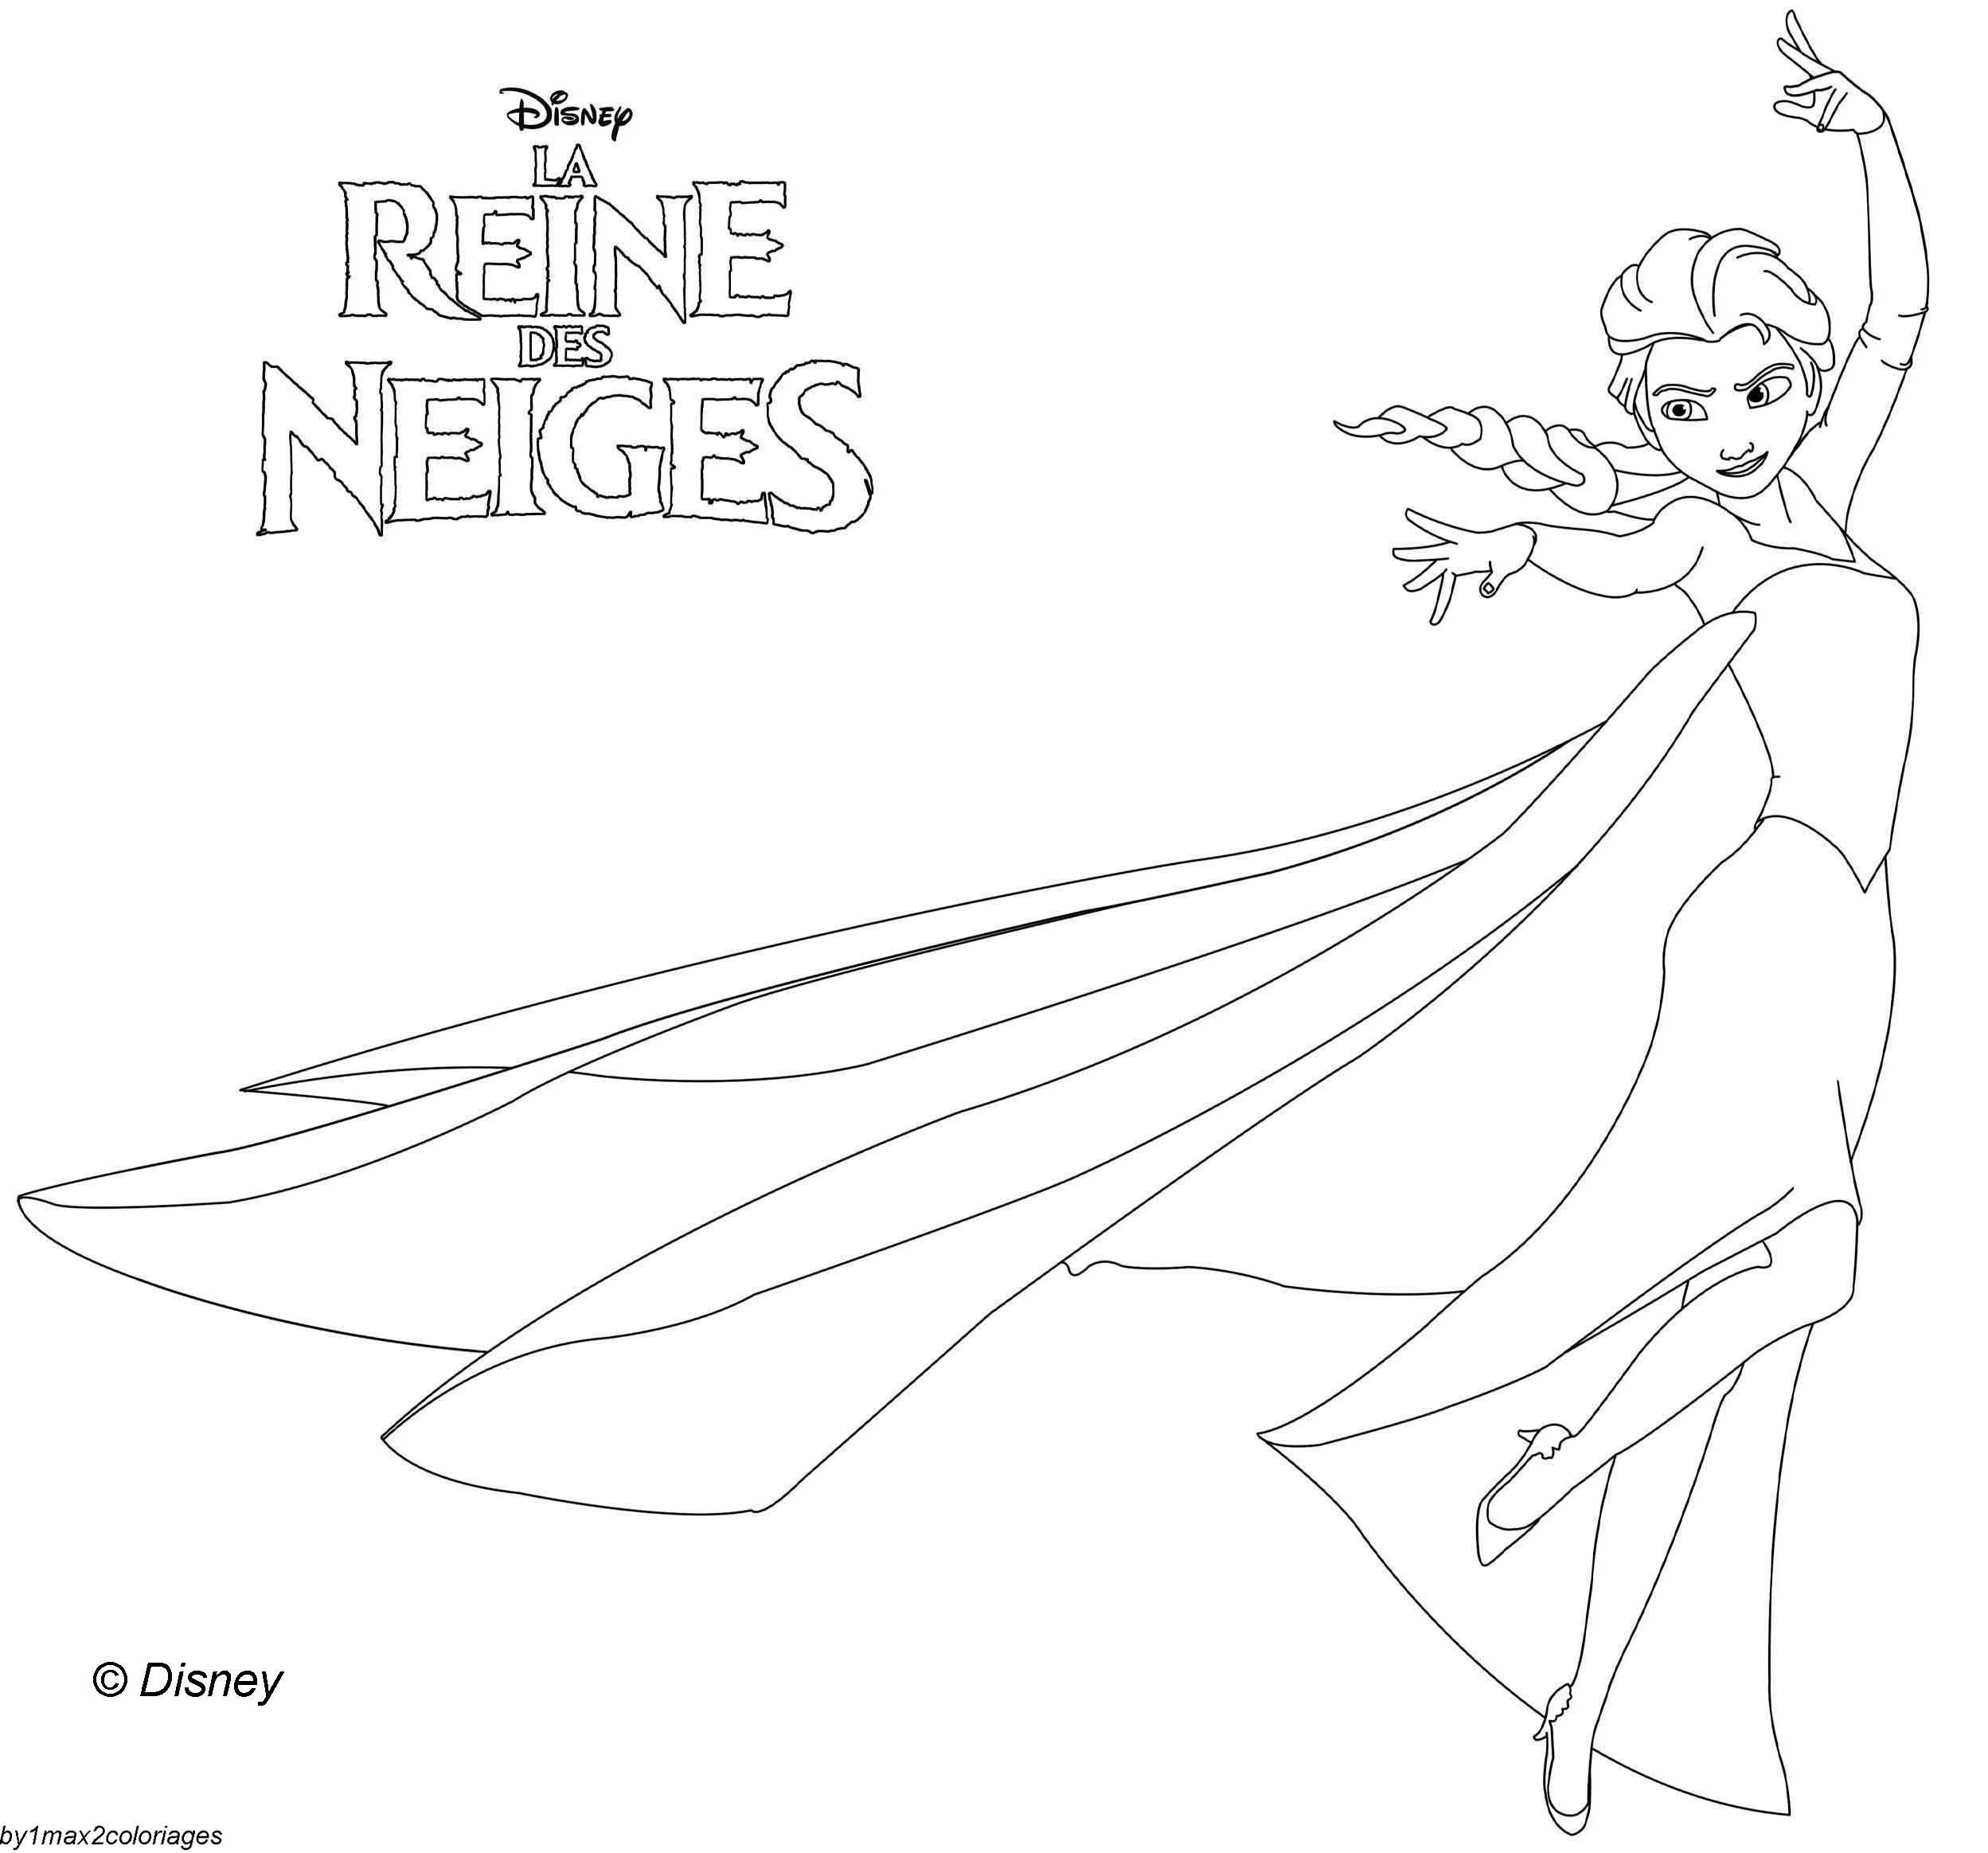 Coloriage Fille A Imprimer La Reine Des Neiges.Les Plus Recherches Coloriage Elsa La Reine Des Neiges